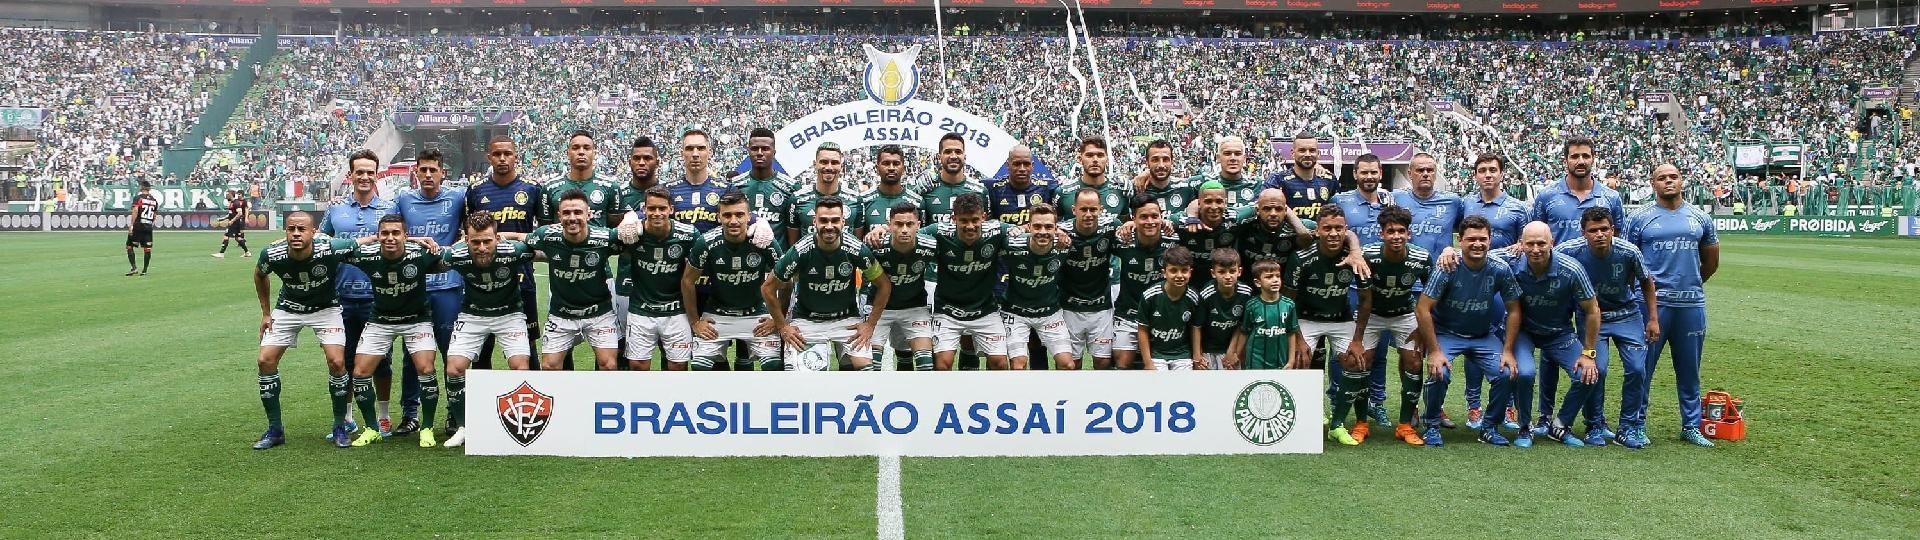 Campeão brasileiro de 2018, Palmeiras posa para foto antes de jogo contra o Vitória pela 38ª rodada